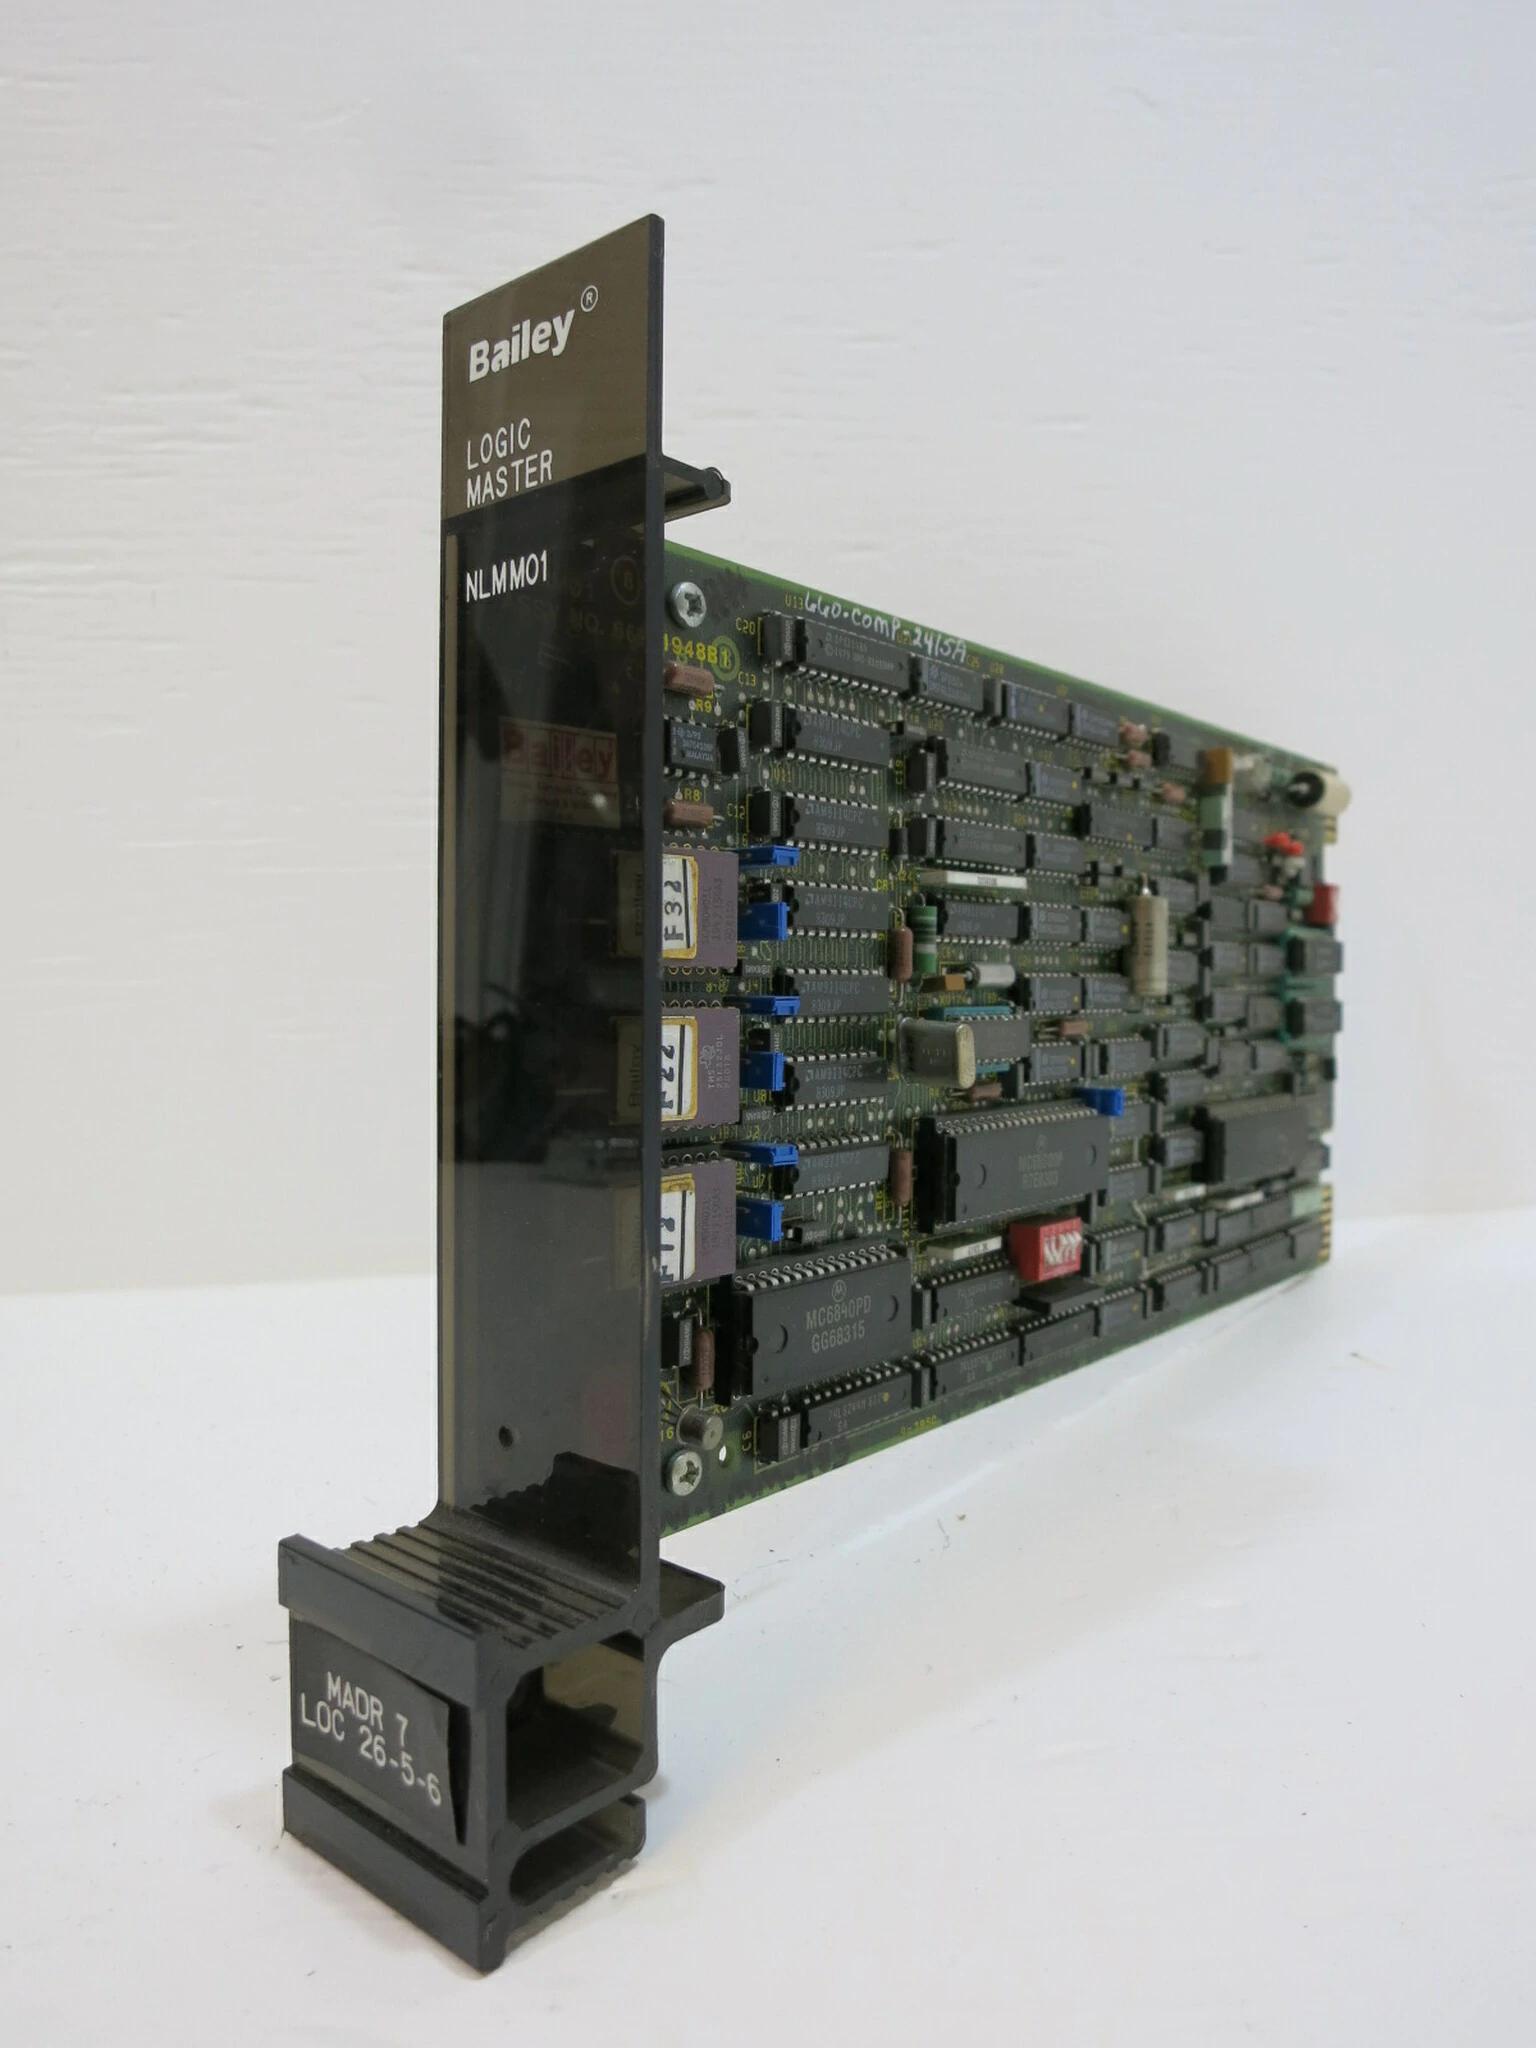 ABB/Bailey PLCs & PC Boards